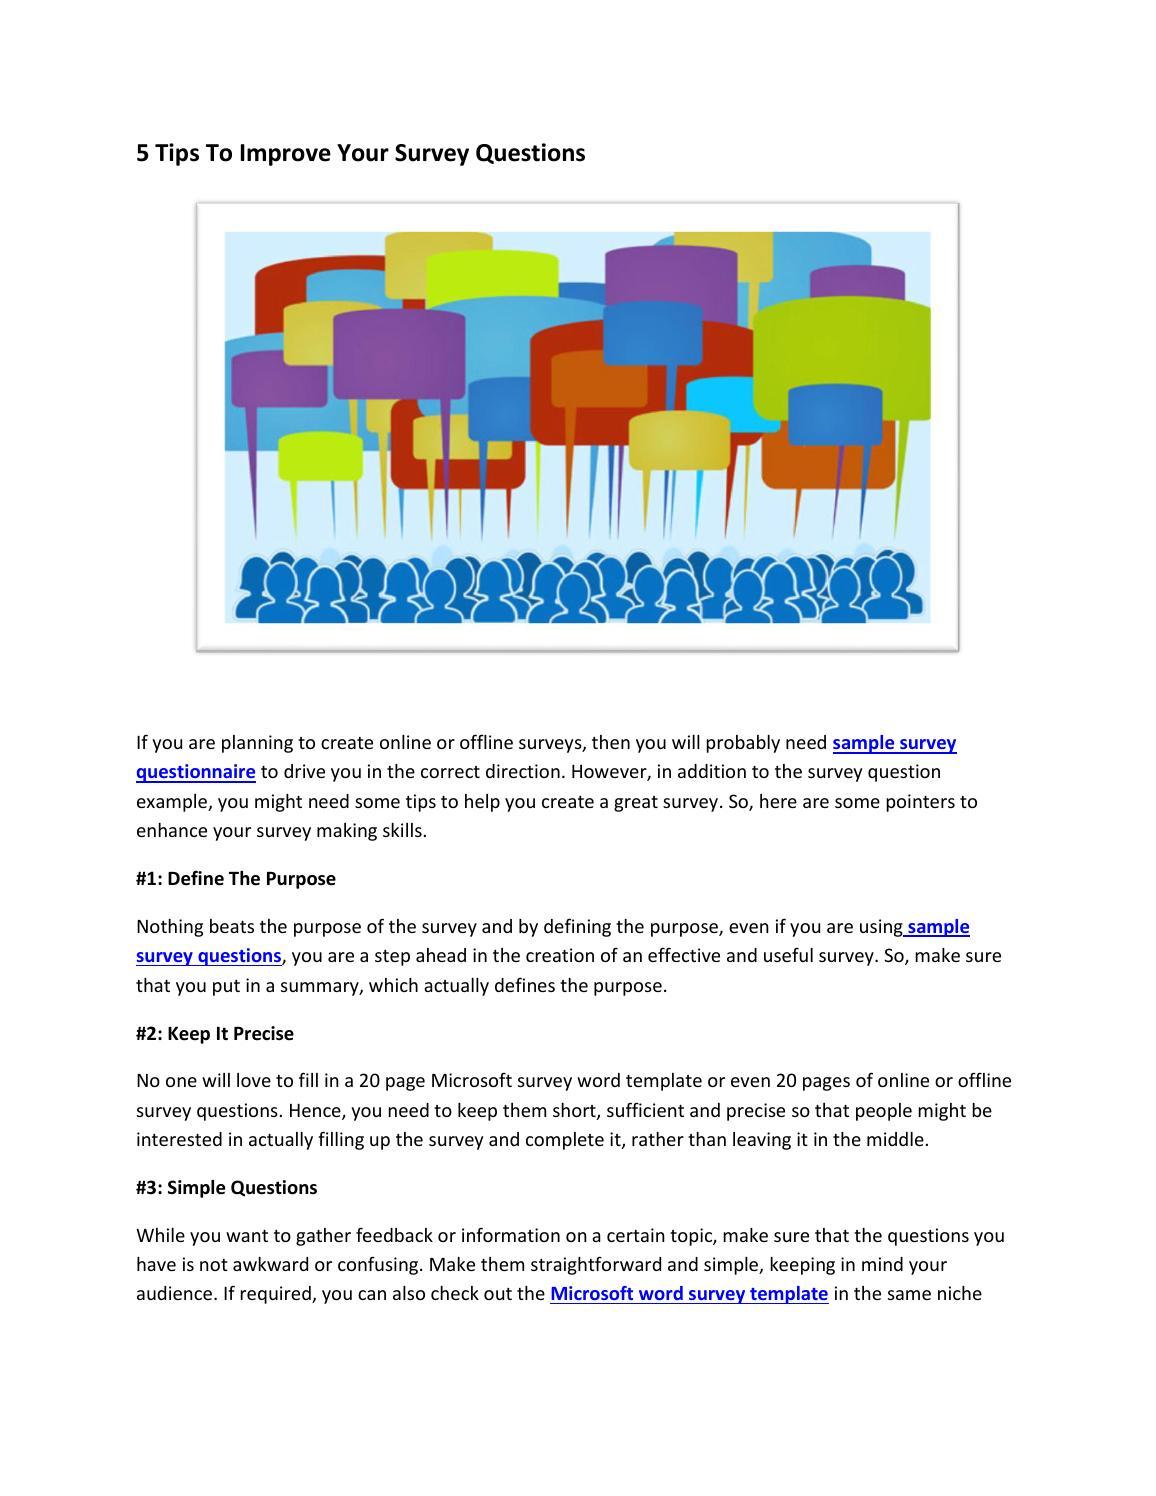 Sample survey questionnaire,sample survey,excel survey by